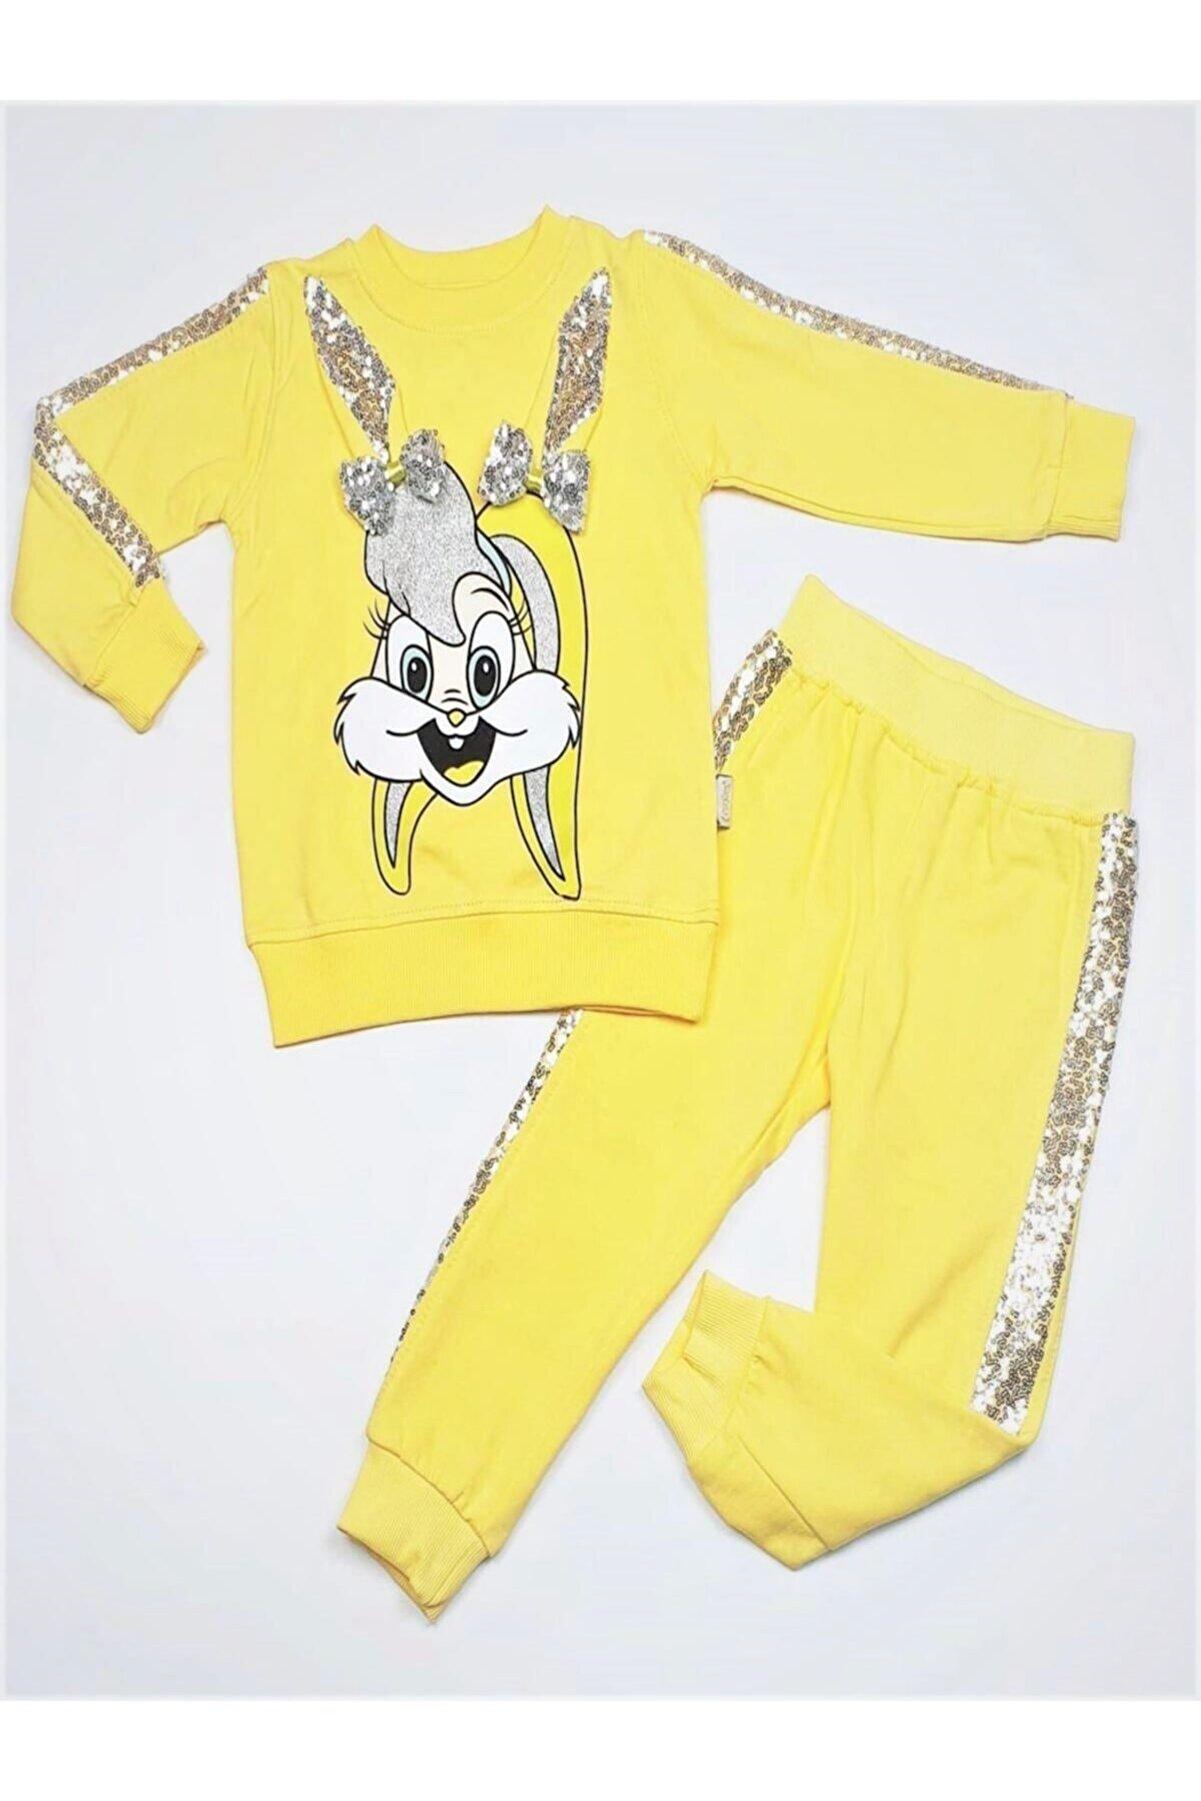 Limones Pullu Tavşan Kız Çocuk Eşofman Takım